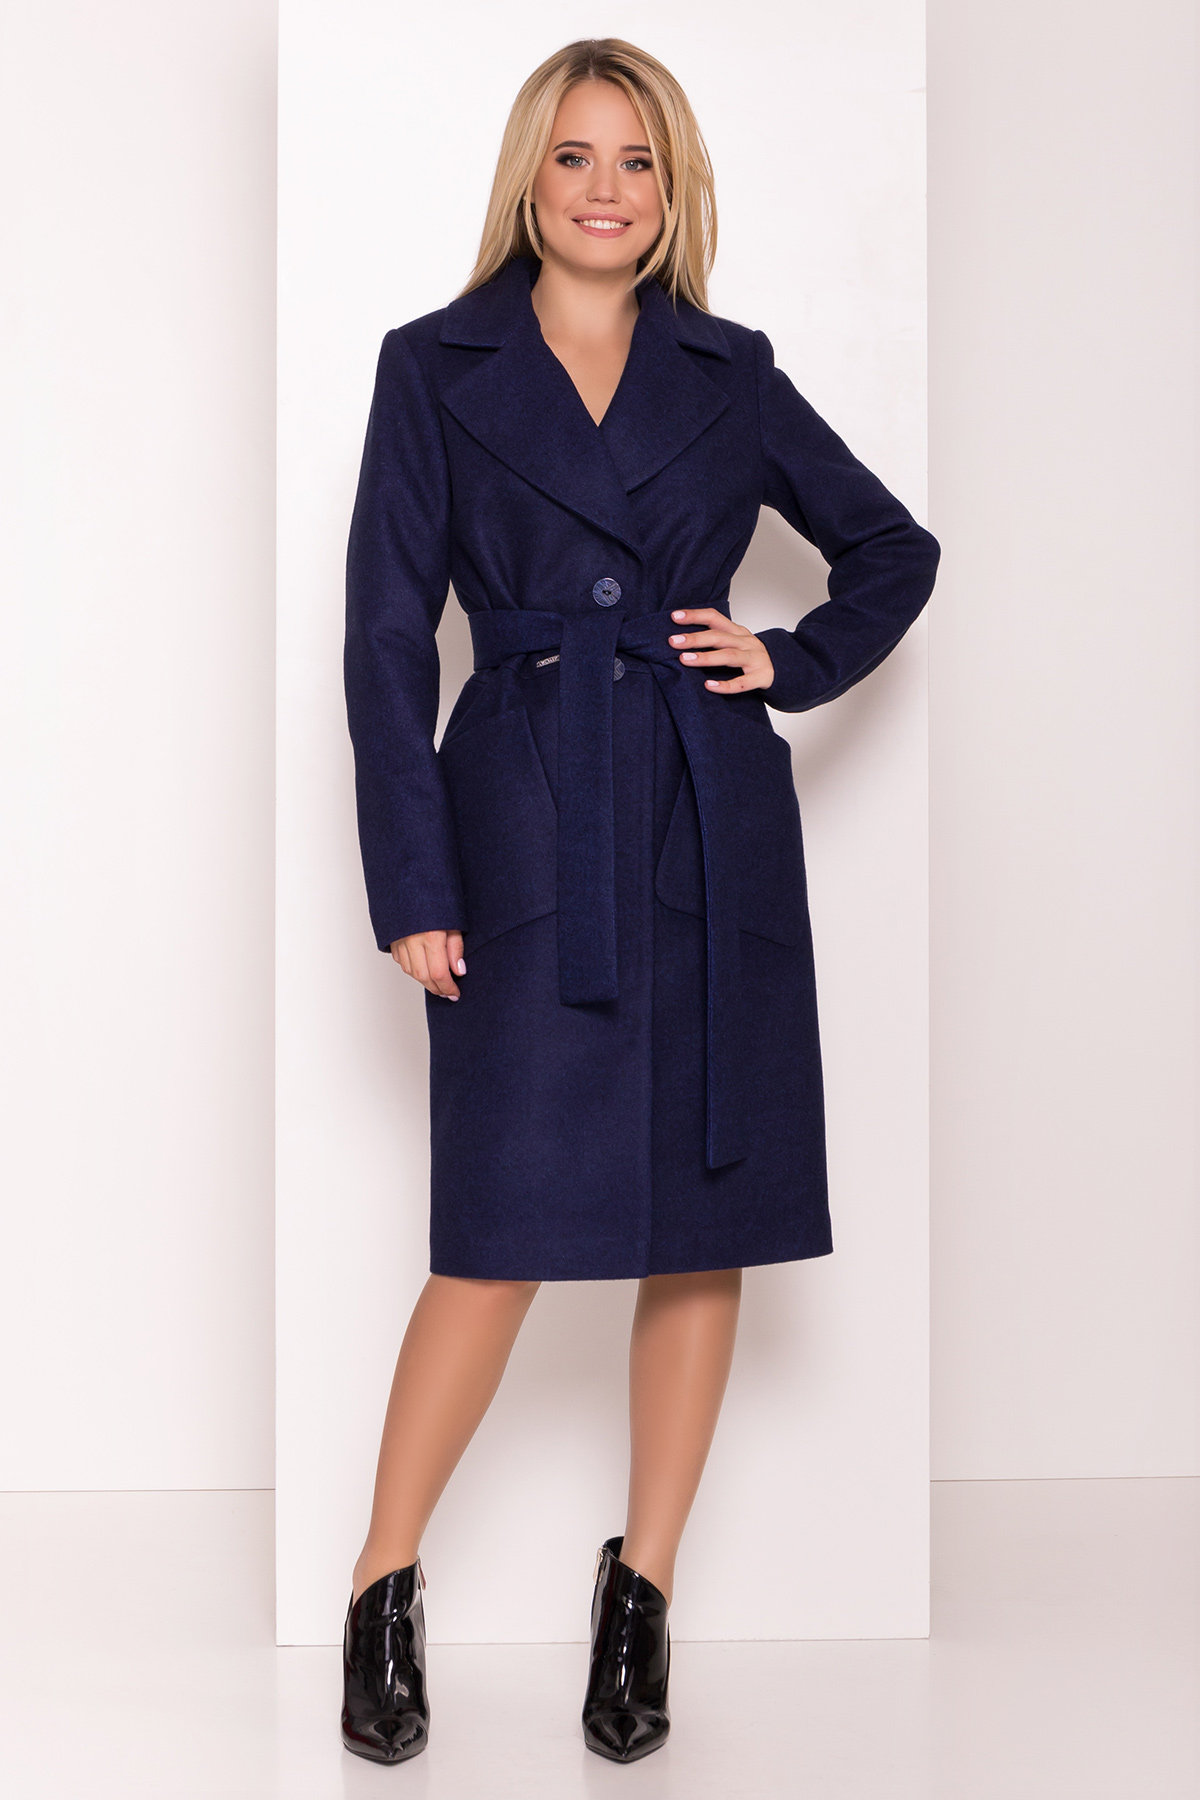 Демисезонного пальто оптом ТМ Modus Классическое пальто Габриэлла 7872